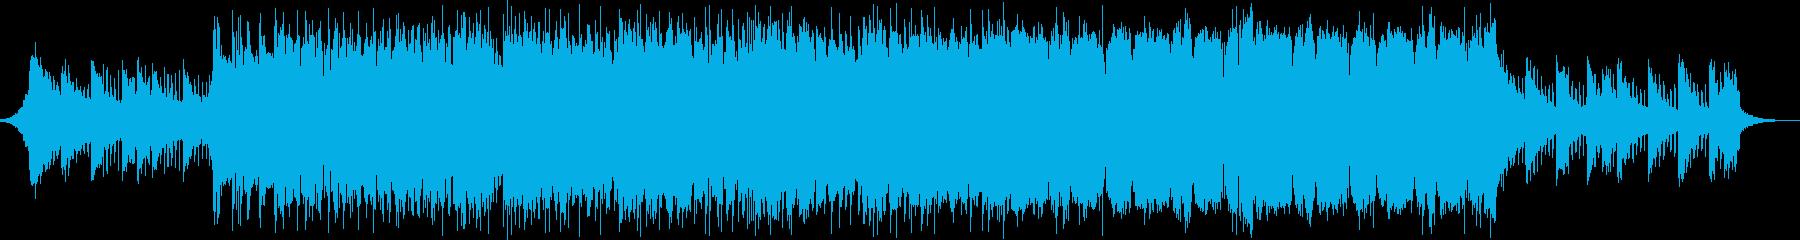 ポップでカワイイフューチャーべースの再生済みの波形